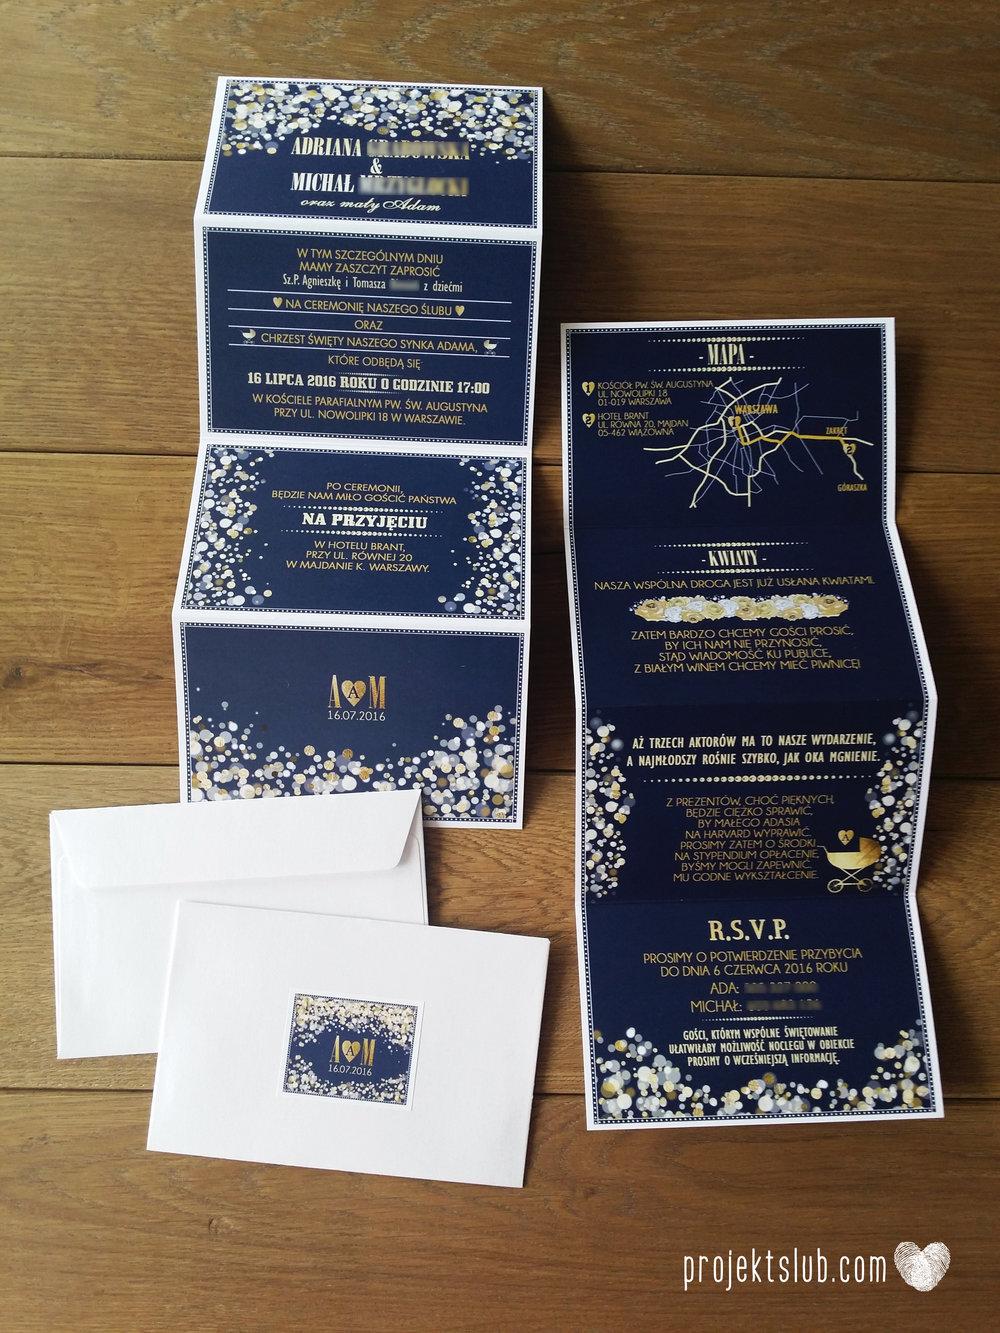 Zaproszenia na ślub i chrzciny projekt indywidualny granatowe elegancka papeteria harmonijka konfetti glamour Projekt Ślub (2).jpg